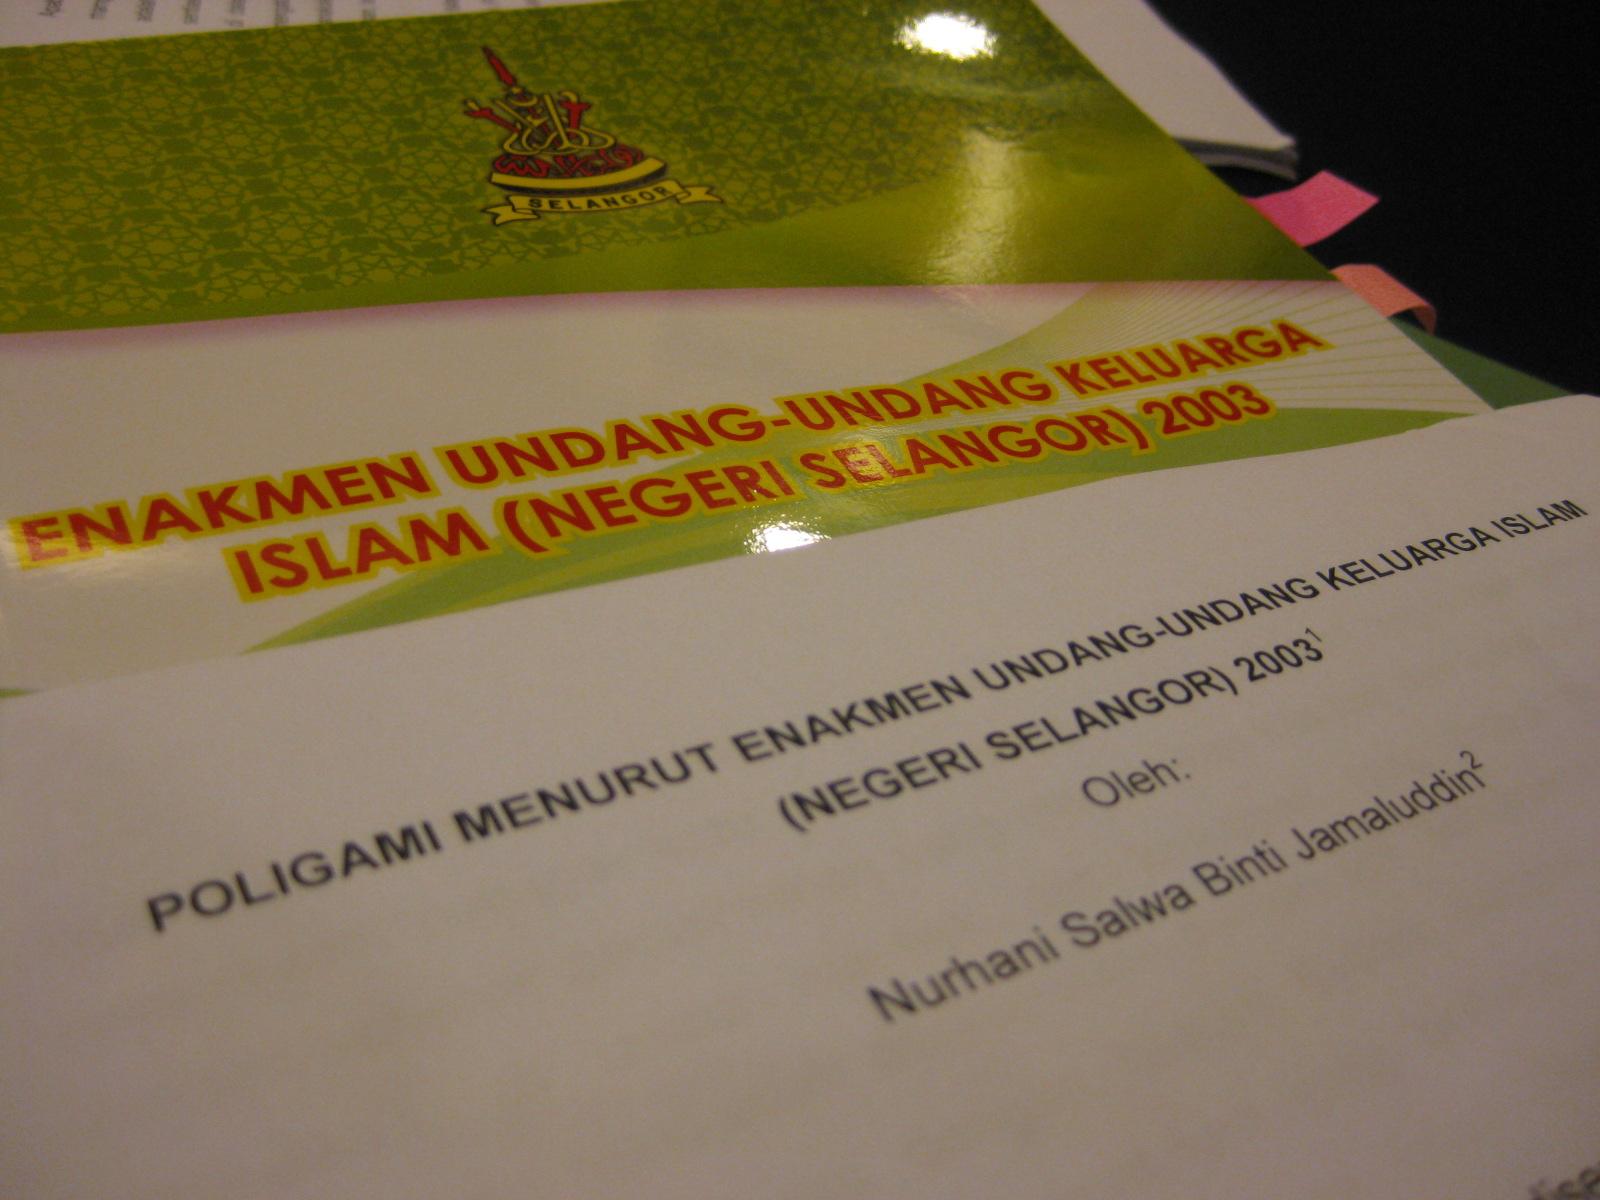 Bila Peguam Menulis Diari Poligami Lebih Mudah Resolusi Muzakarah Pindaan Enakmen Undang Undang Keluarga Islam Negeri Selangor 2003